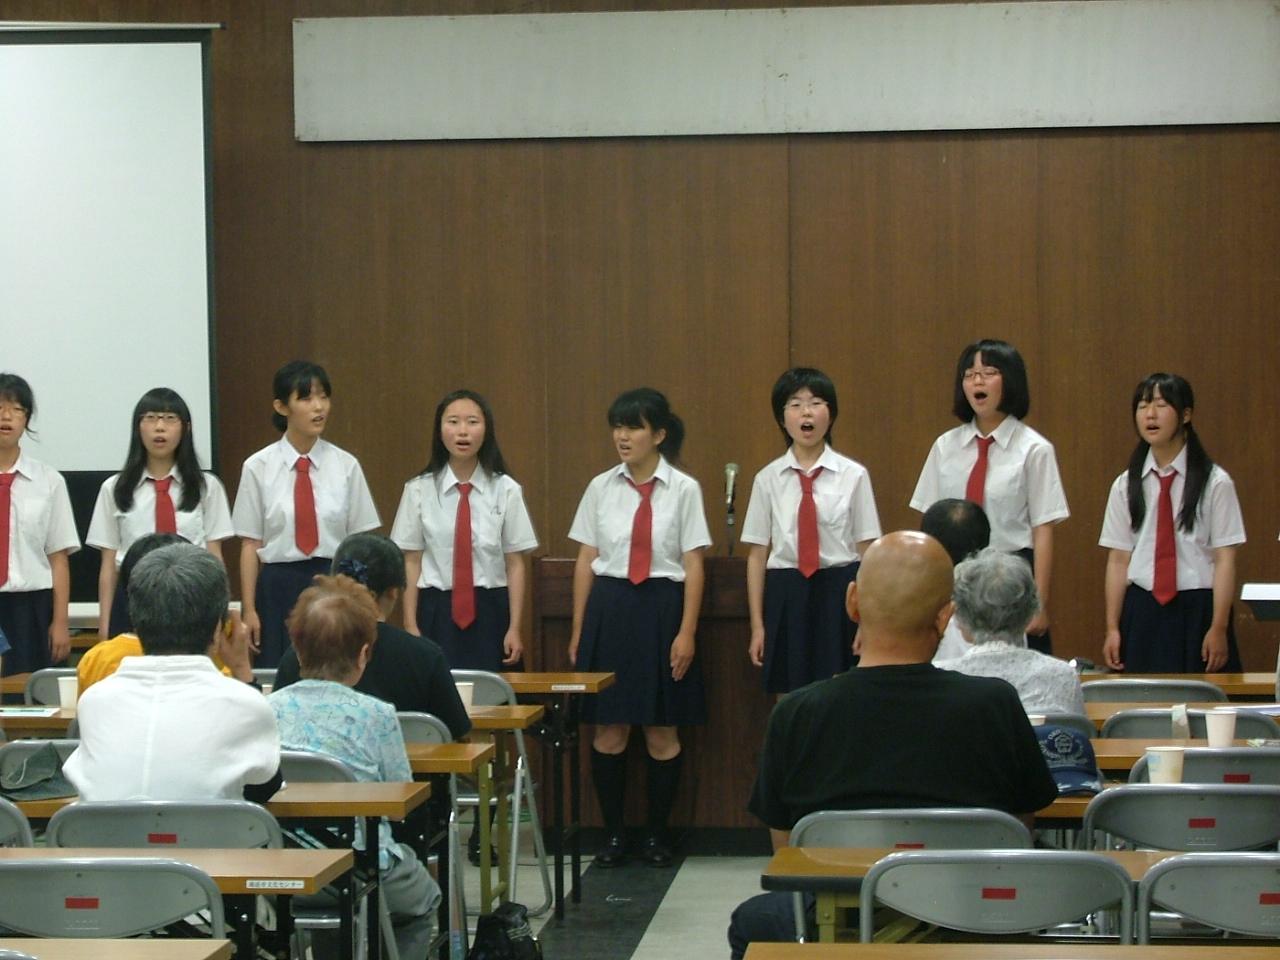 諏訪二葉高等学校制服画像